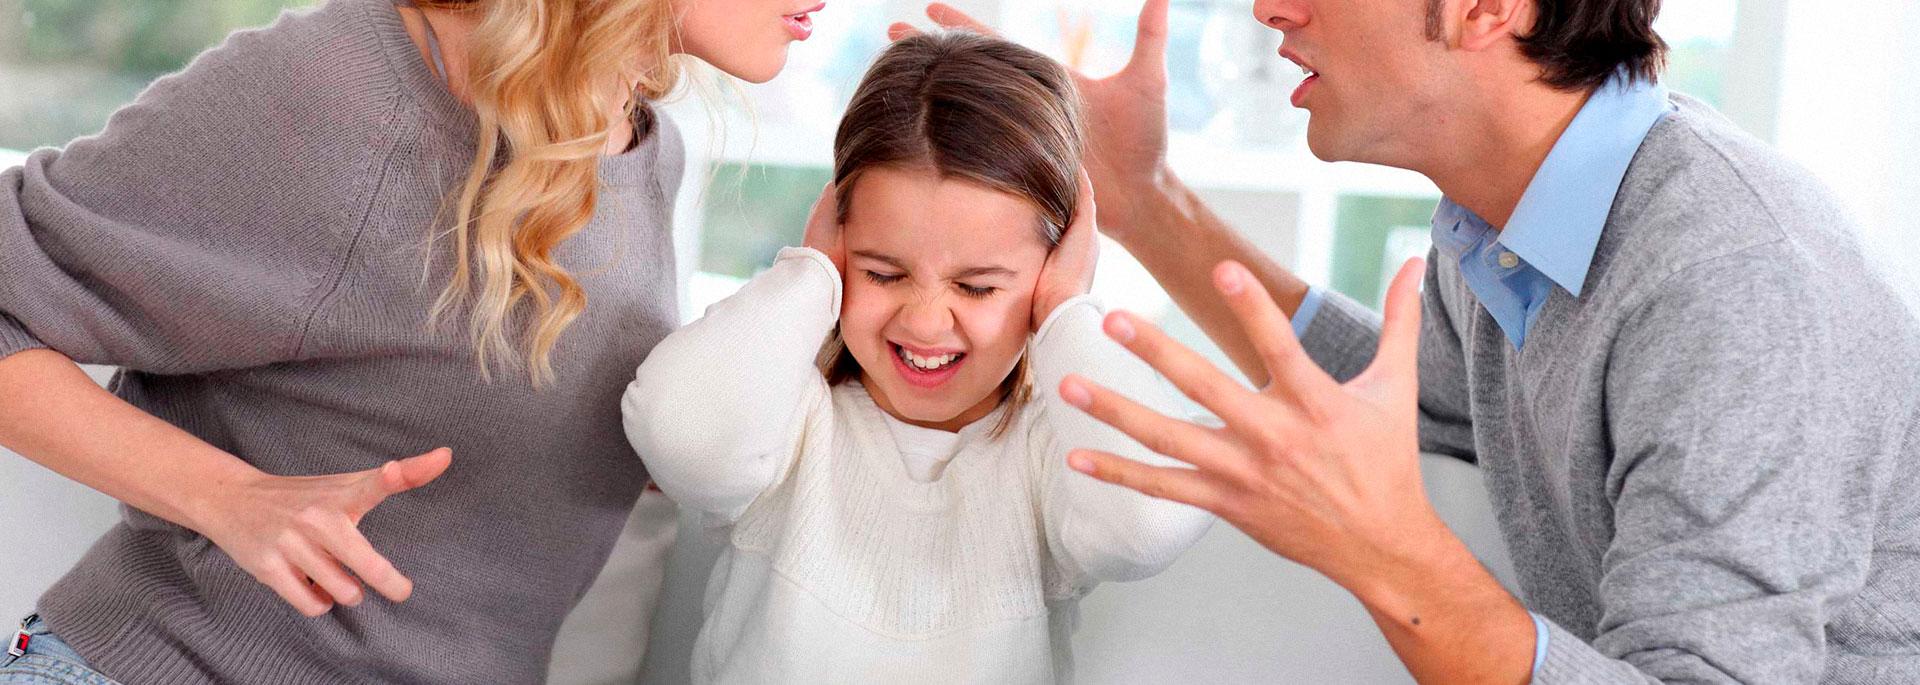 споры о общении с ребенком